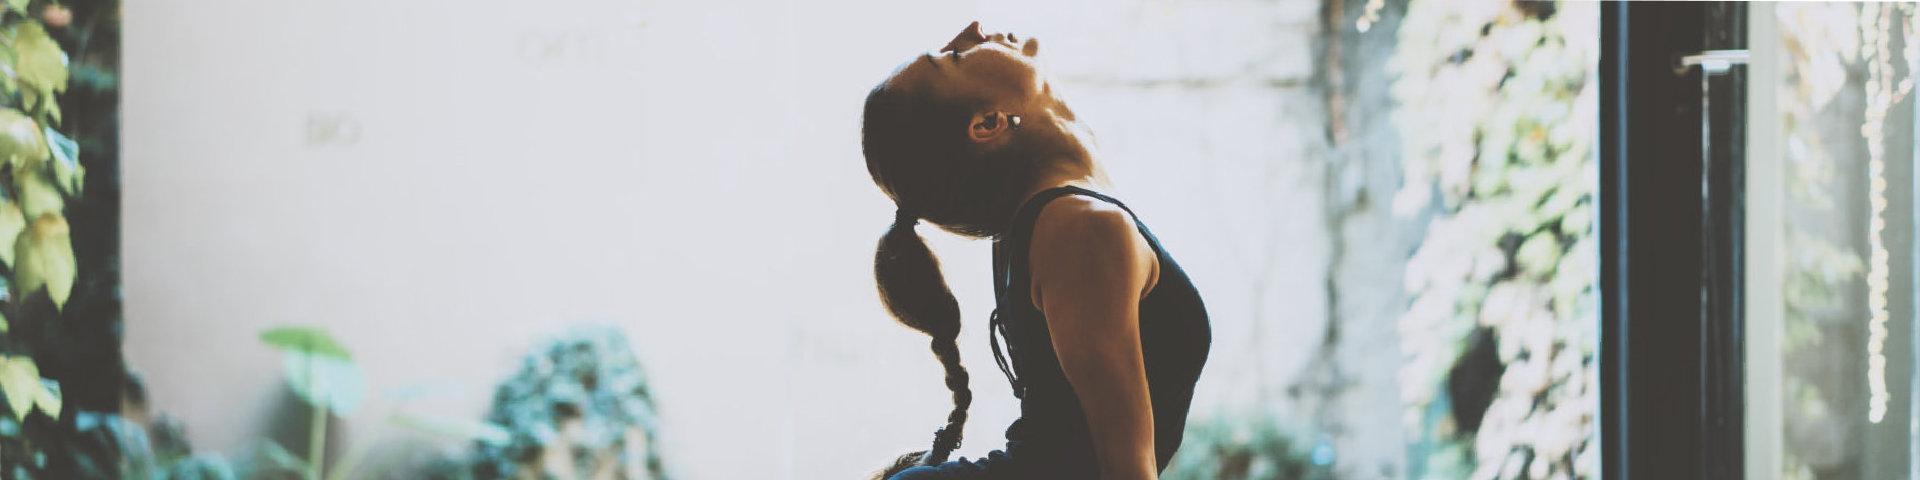 woman do yoga